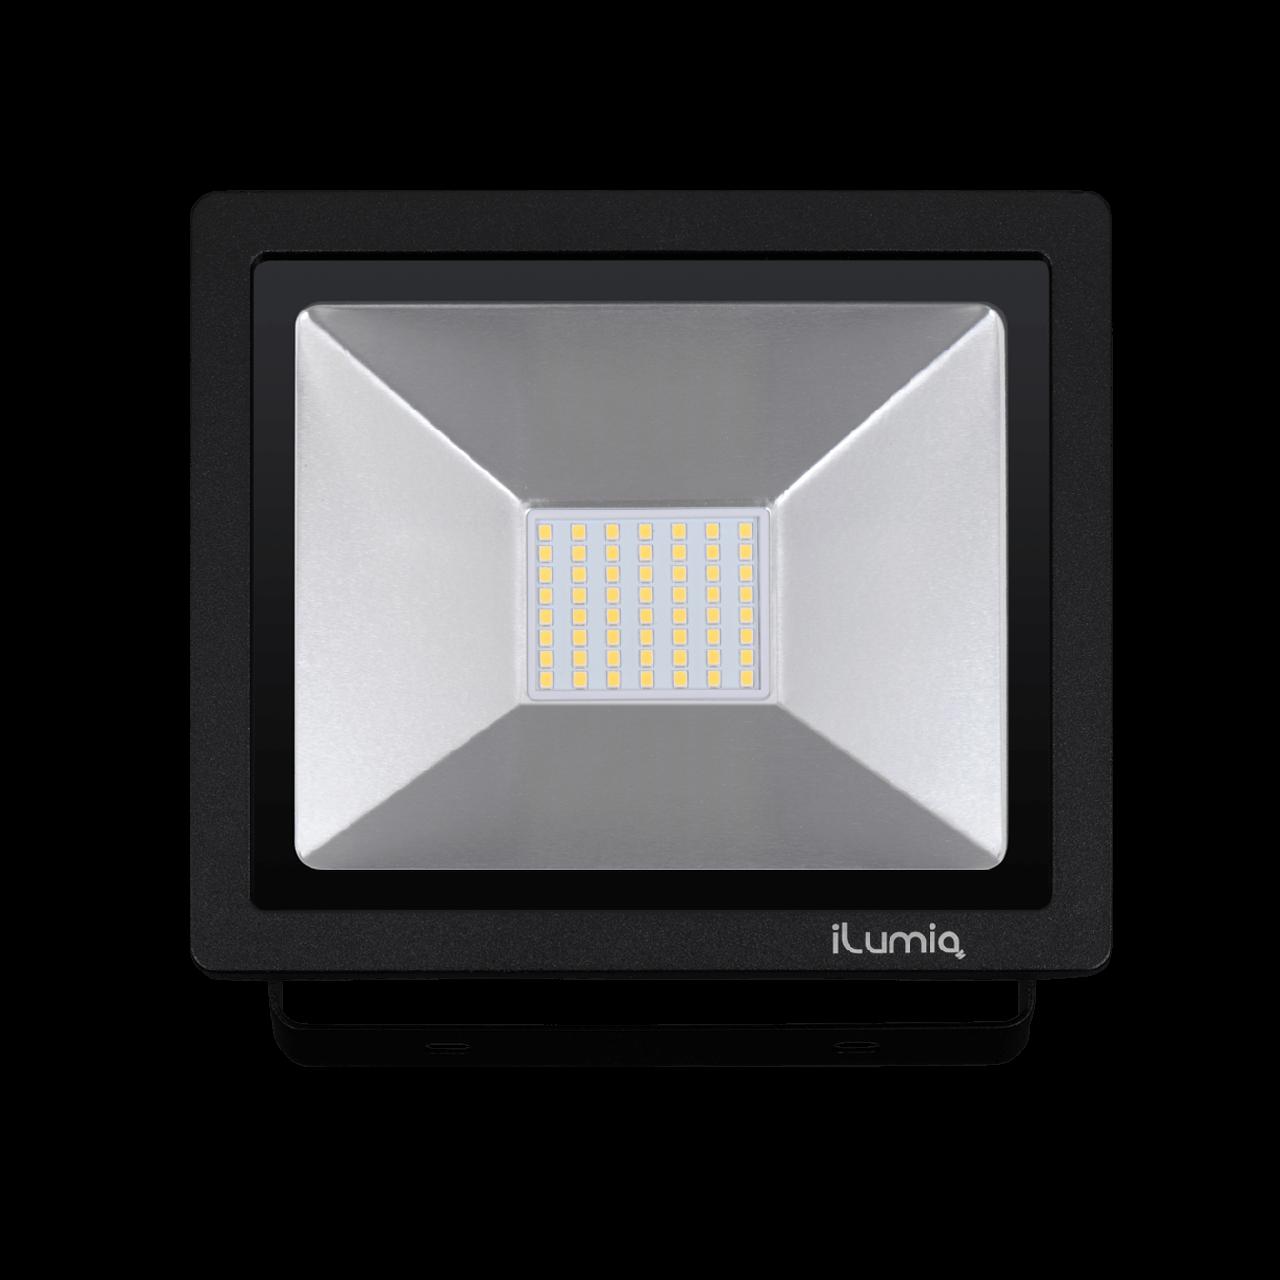 Светодиодный прожектор 30W 4000K iLumia